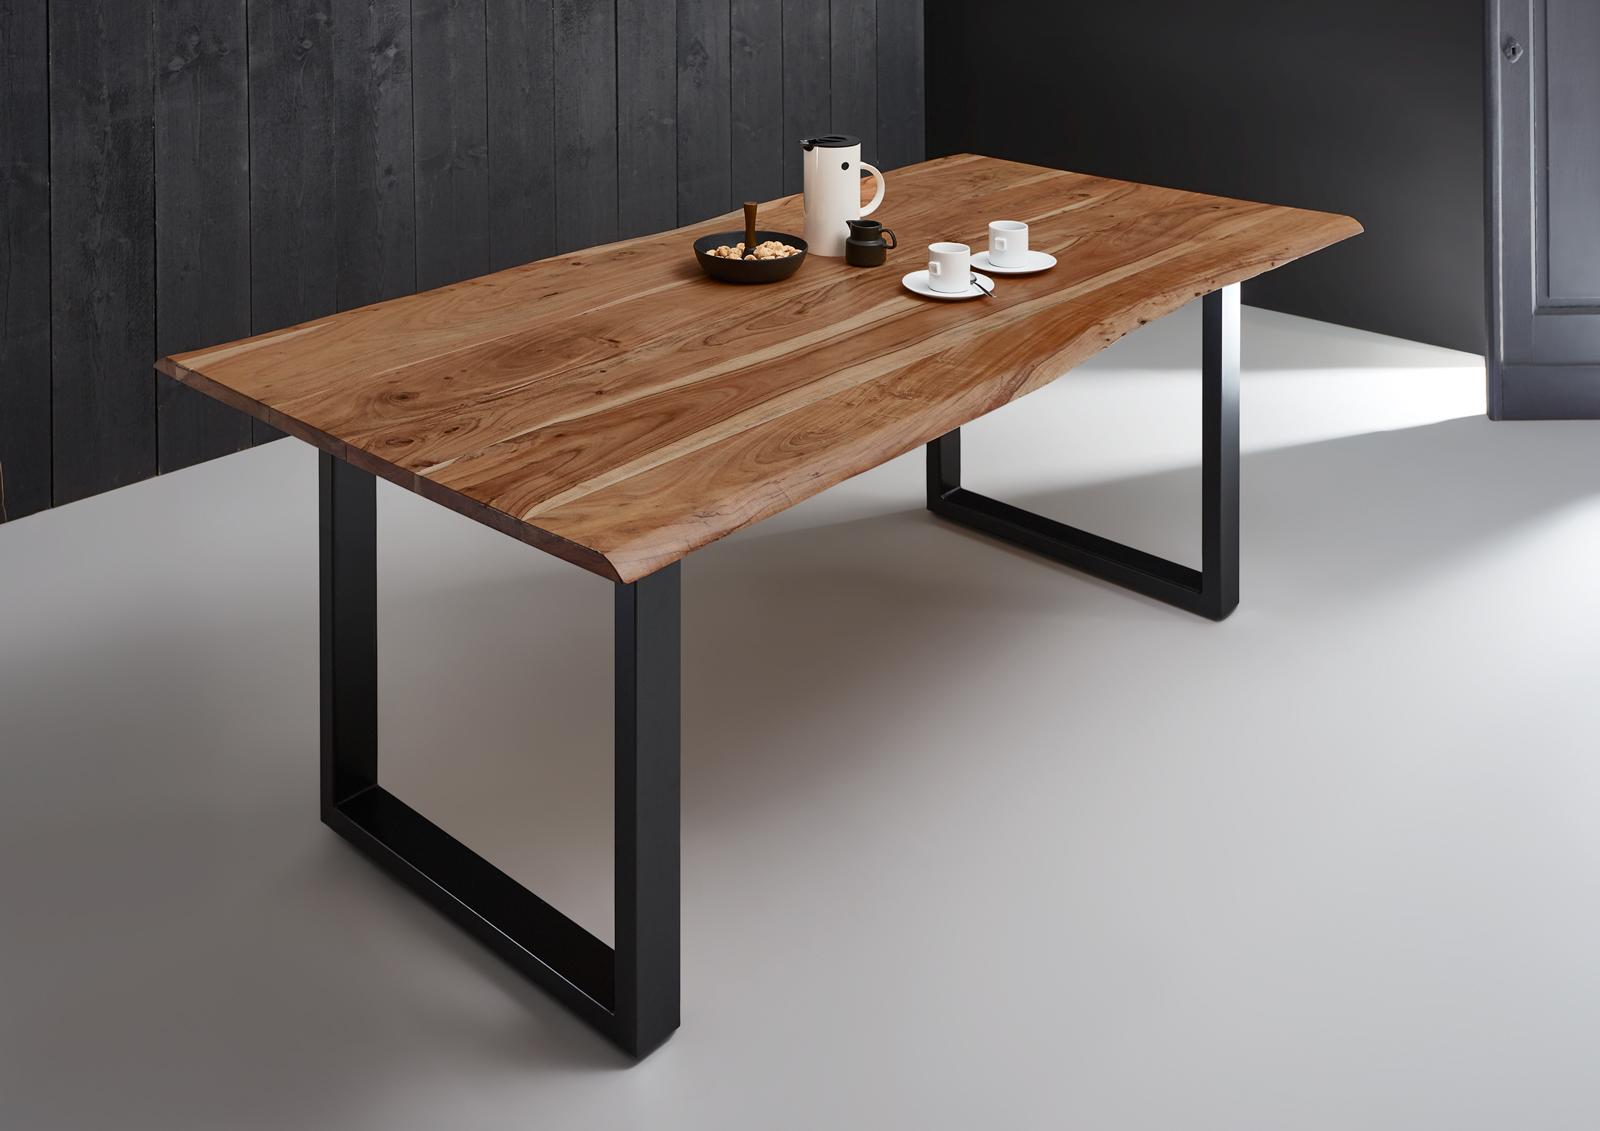 Sam baumkantentisch esszimmer tisch 180 cm massiv akazie milo for Tisch esszimmer